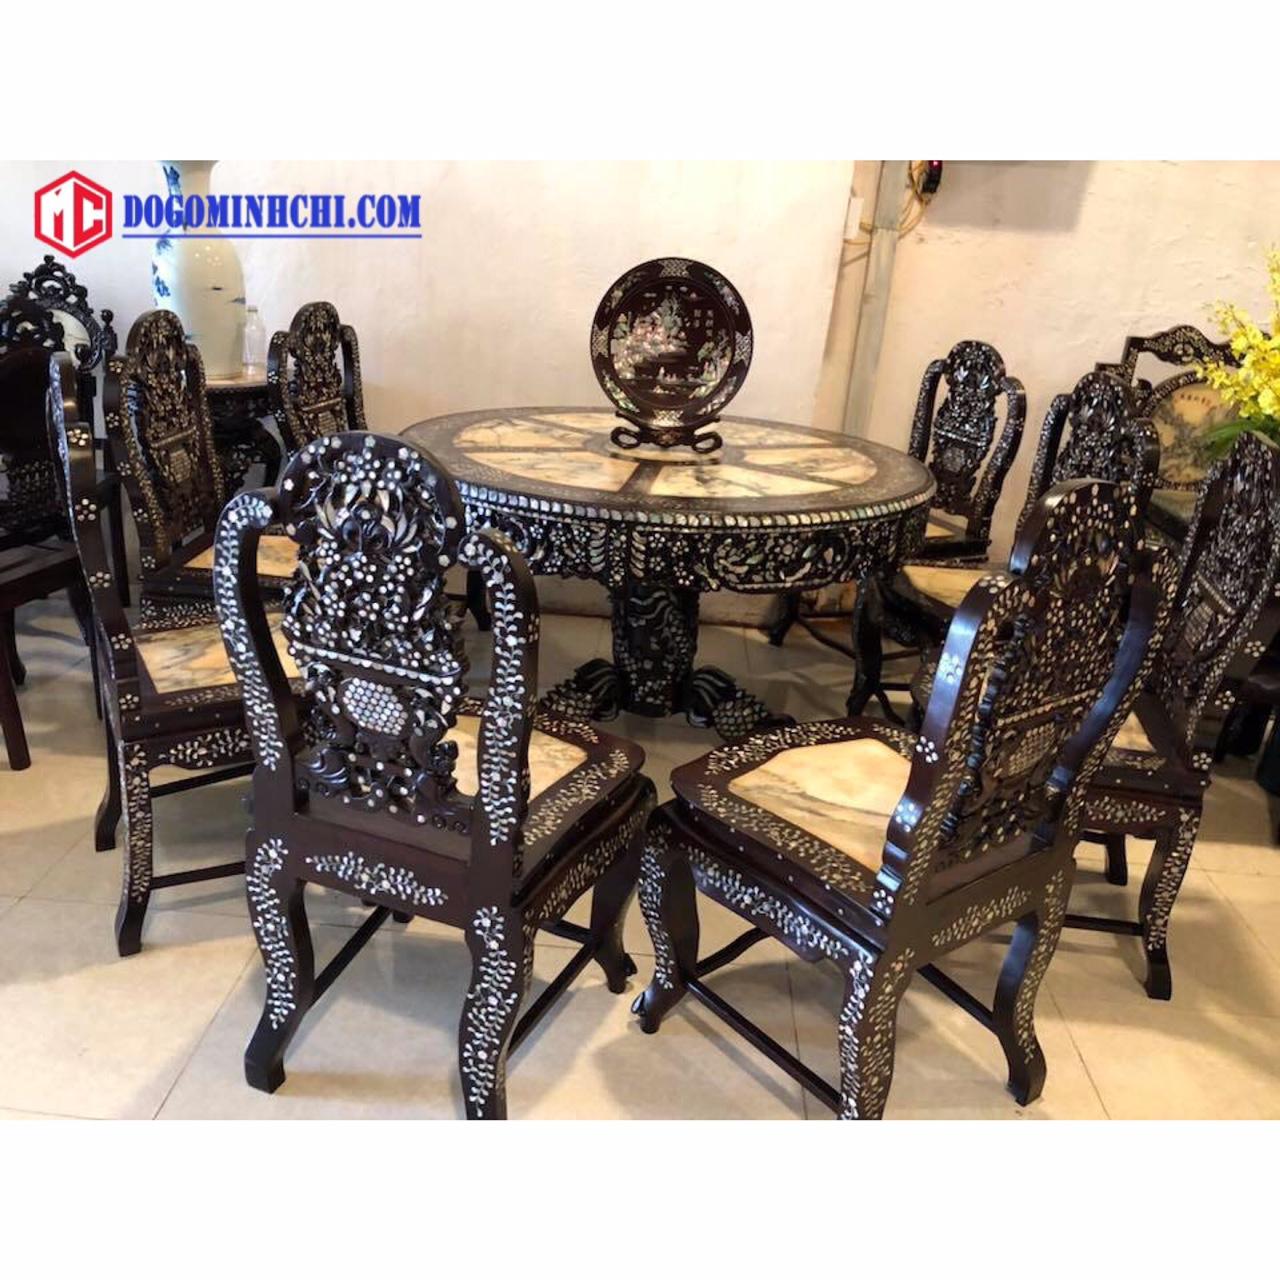 Bộ bàn ghế ăn bàn xoay khảm cẩn ốc 8